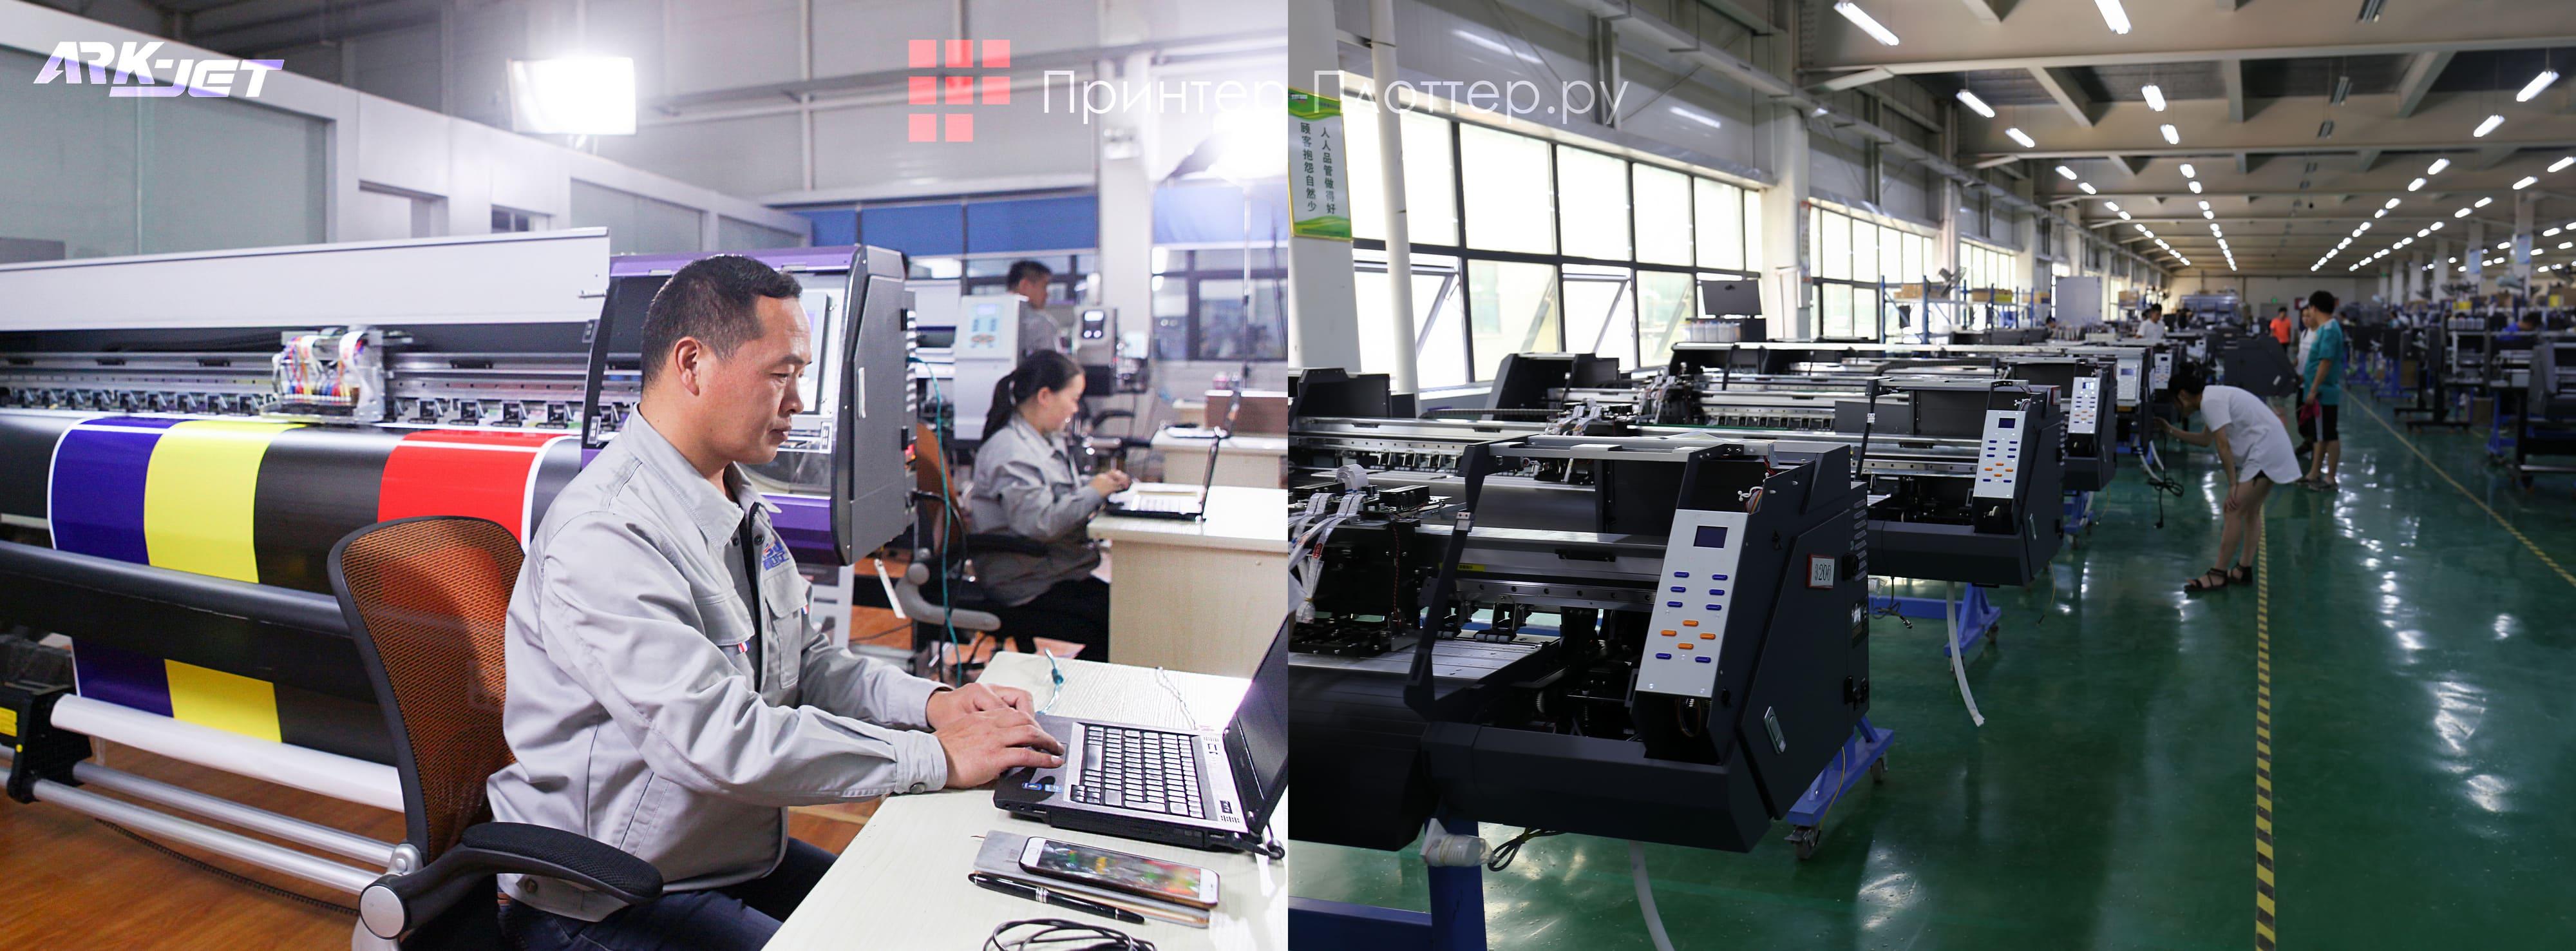 ARK-JET — абсолютный лидер по количеству проданных устройств в Китае